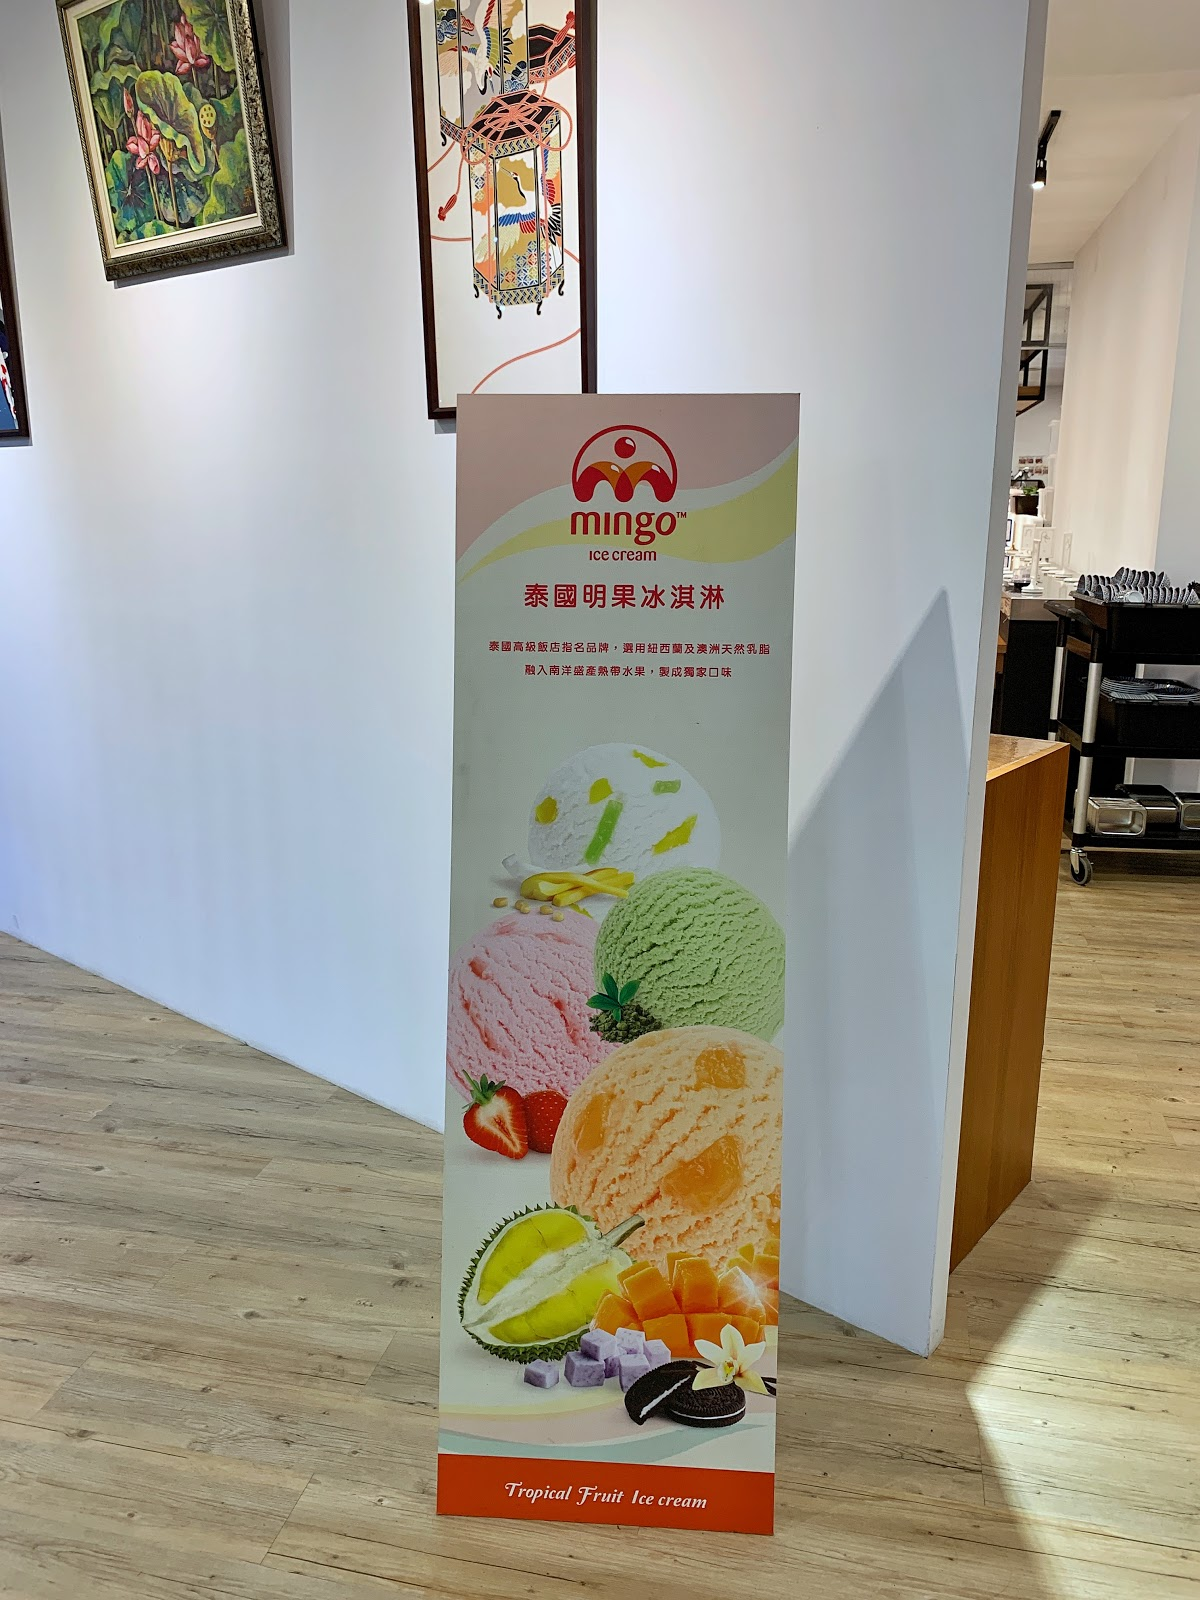 小XM迴轉麻辣鍋選用泰國明果冰淇淋